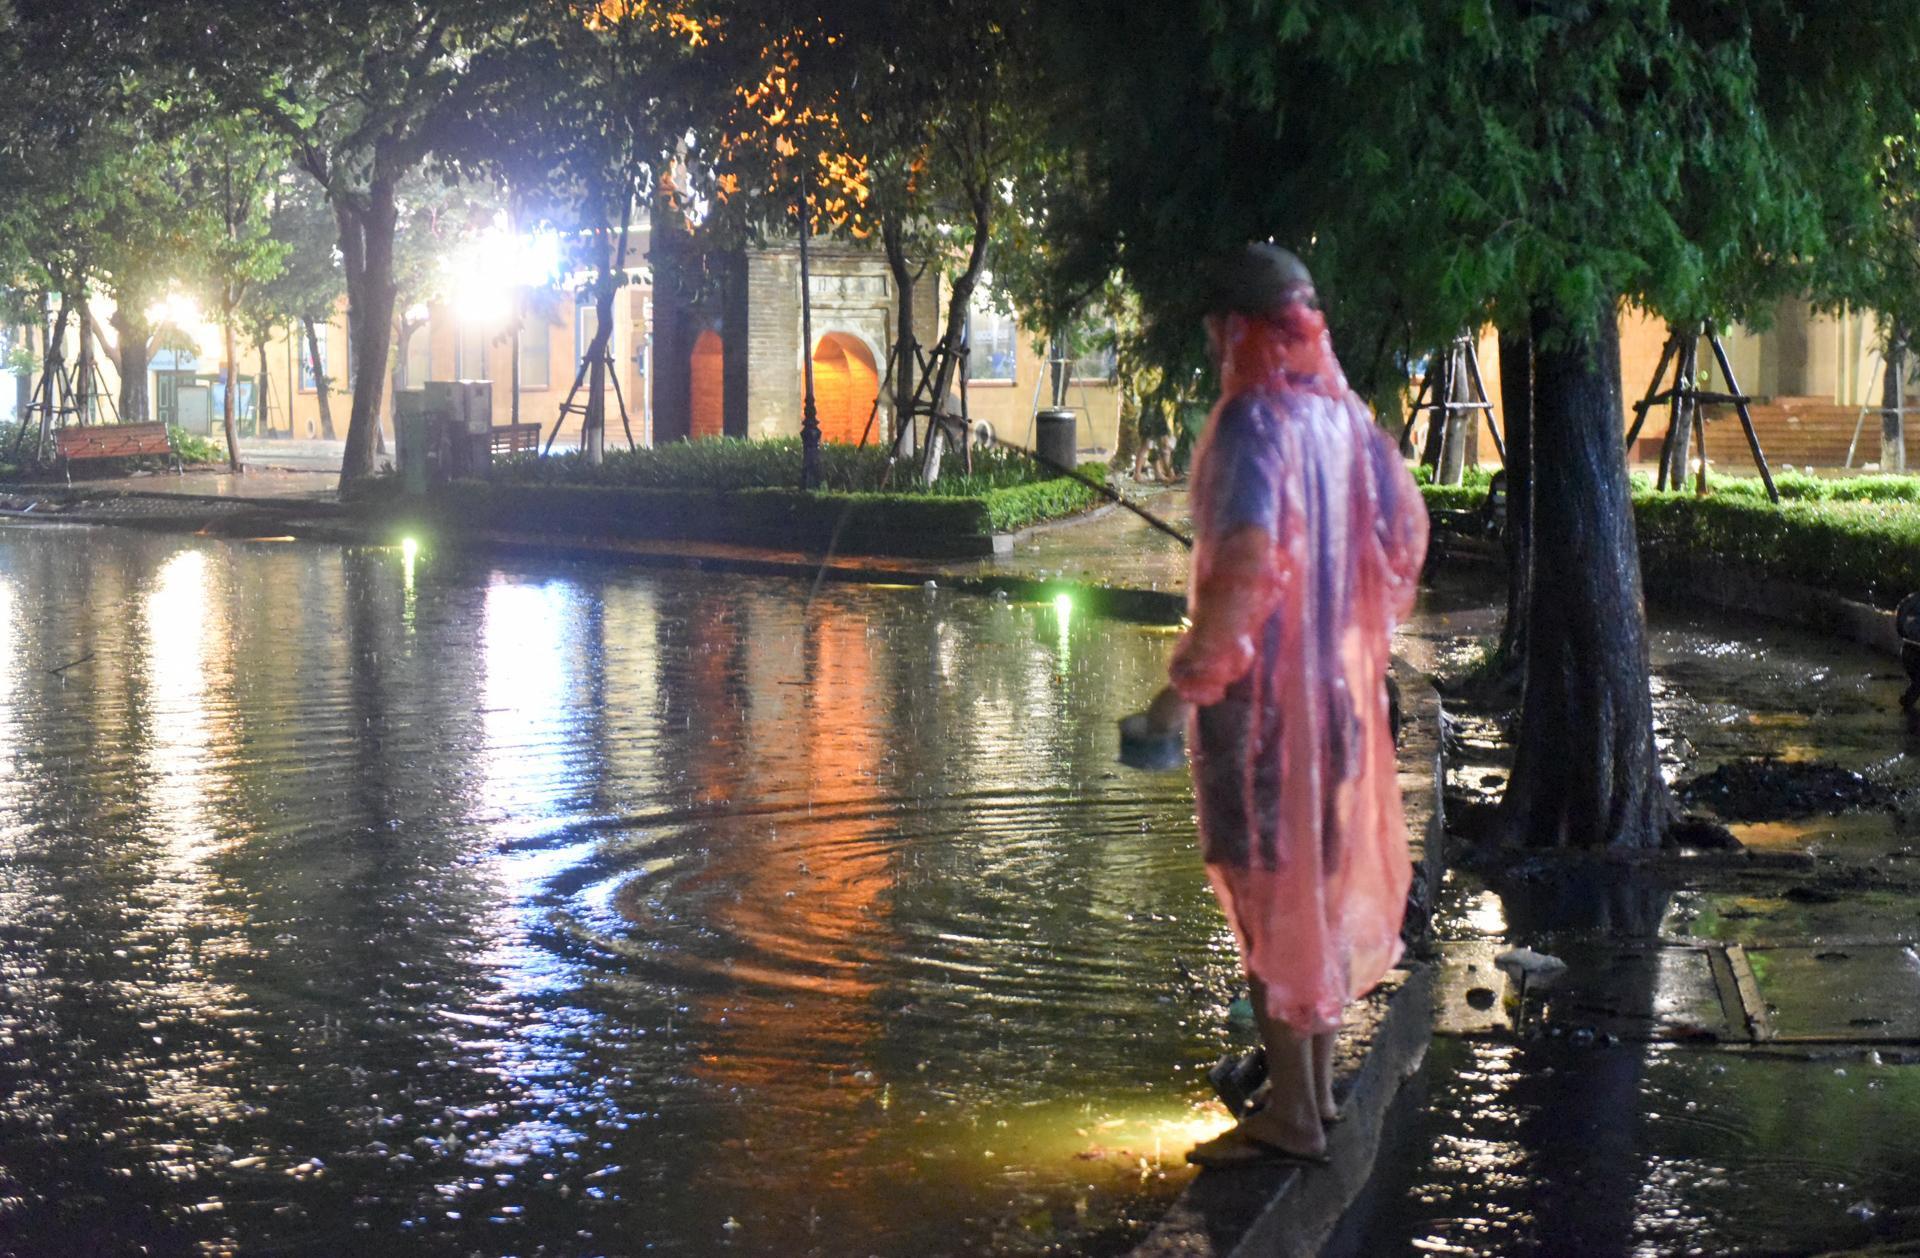 Buông cần câu cá ở hồ Gươm sau mưa lớn